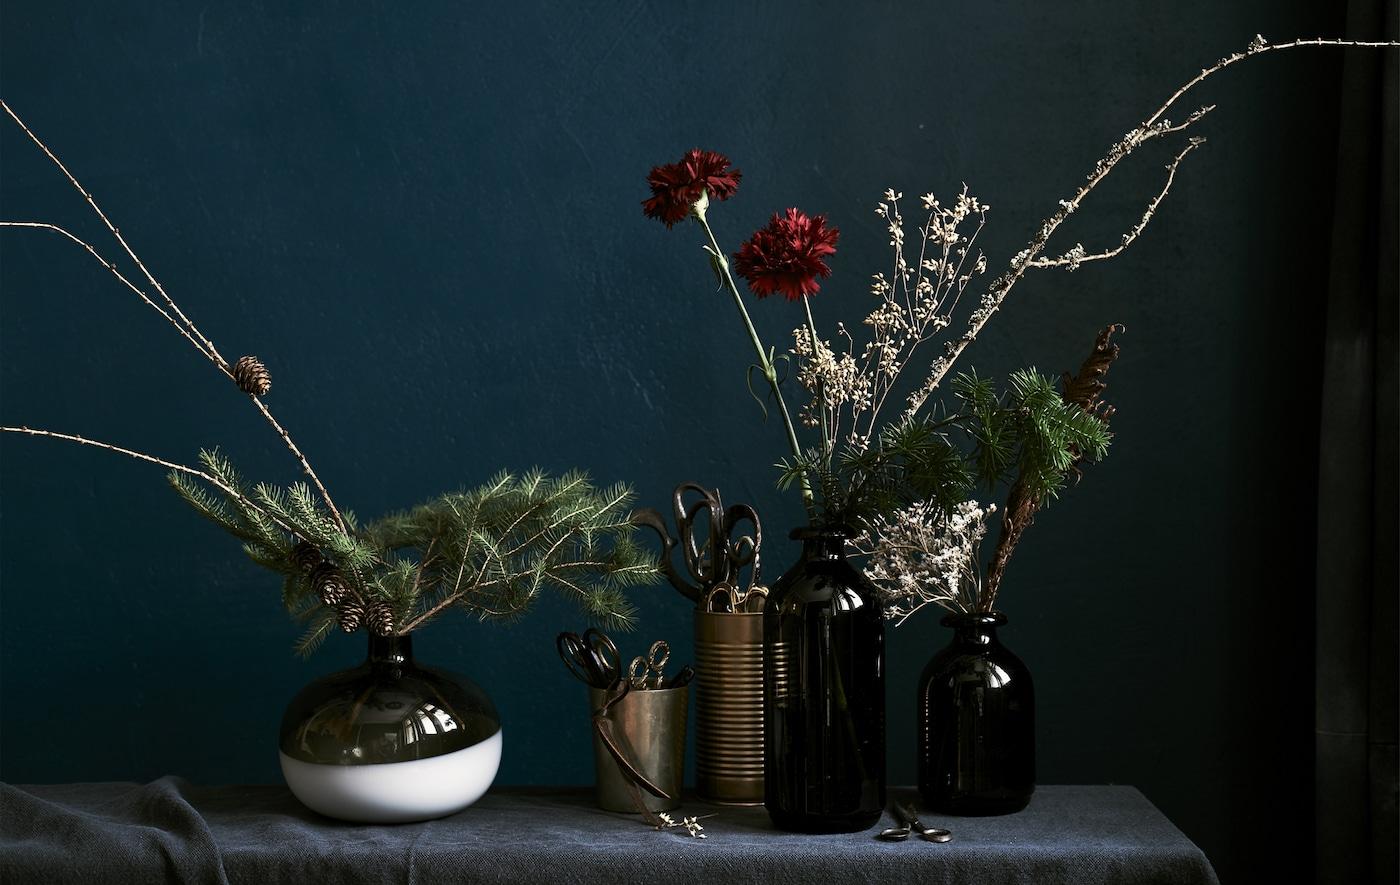 ダークカラーの布を背景にしたさまざまなサイズの花瓶のフラワーディスプレイ。